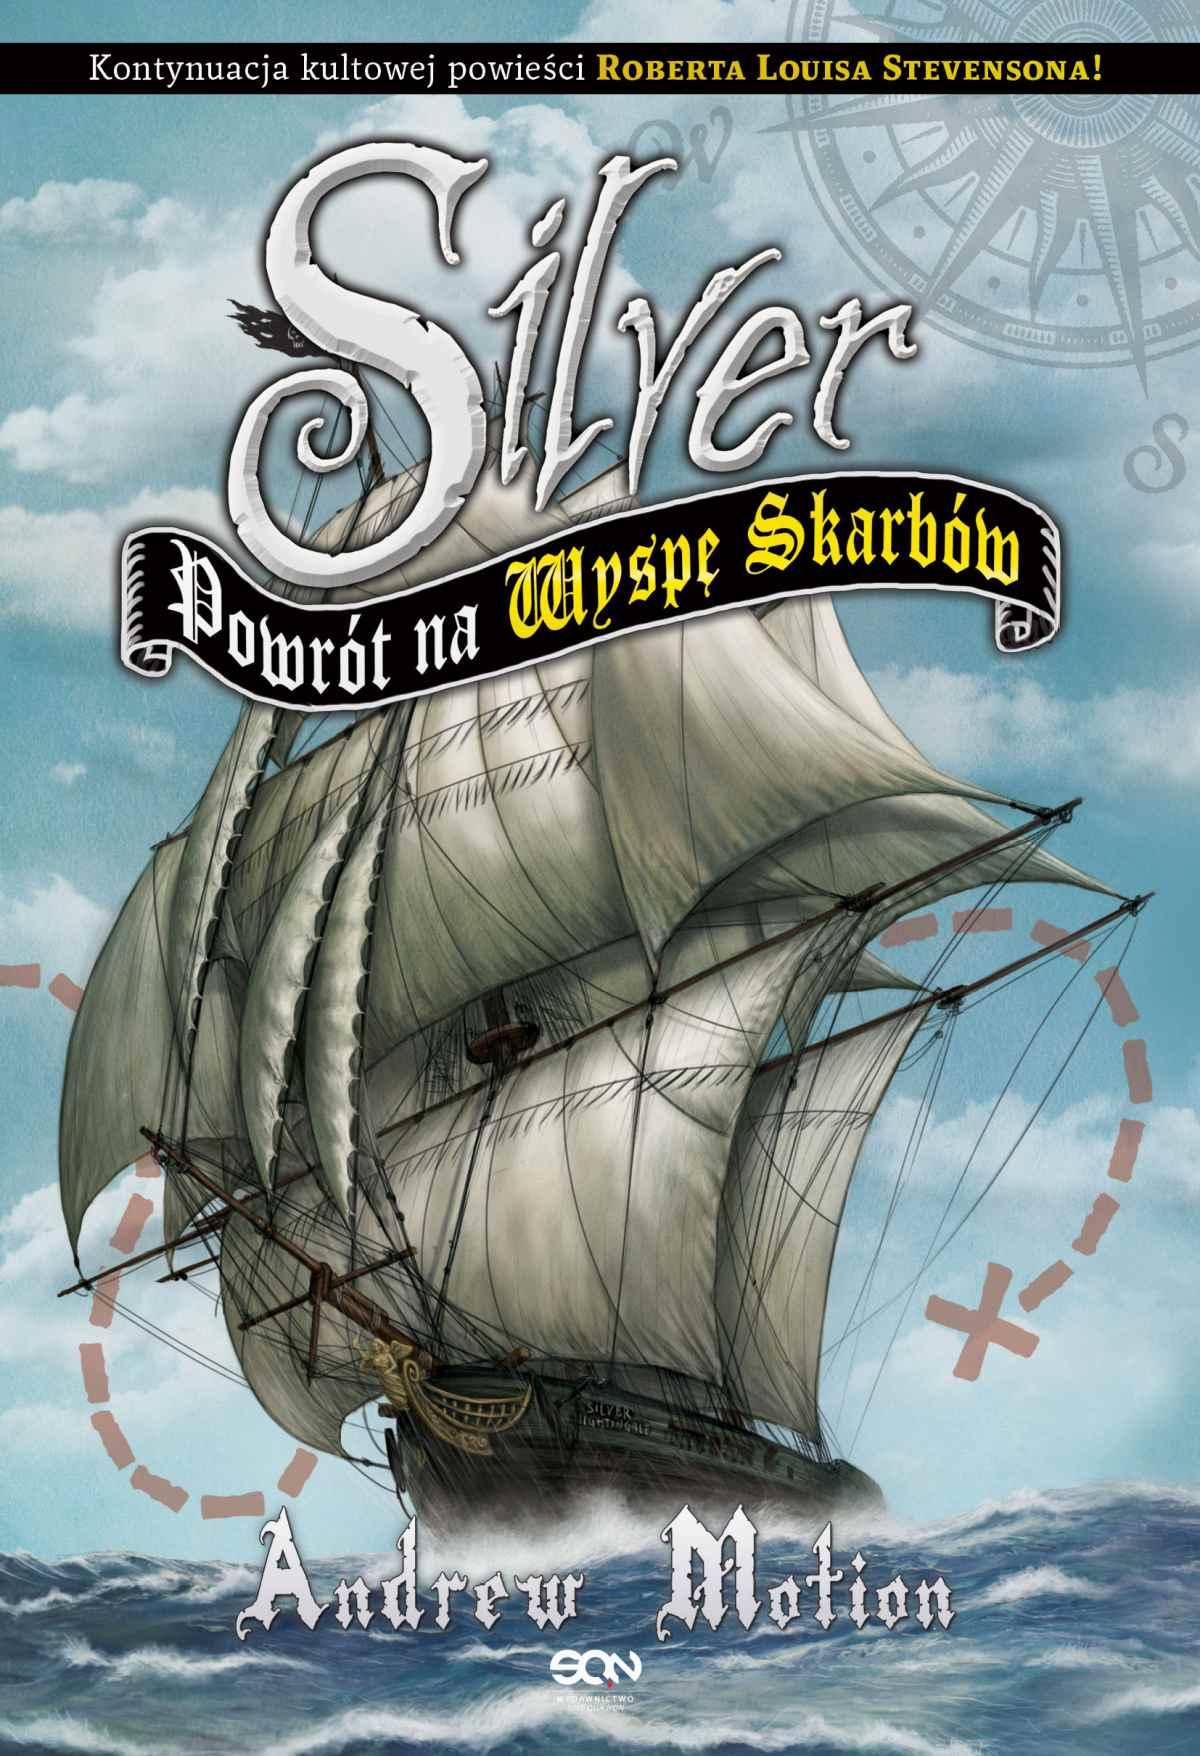 Silver. Powrót na Wyspę Skarbów - Ebook (Książka EPUB) do pobrania w formacie EPUB